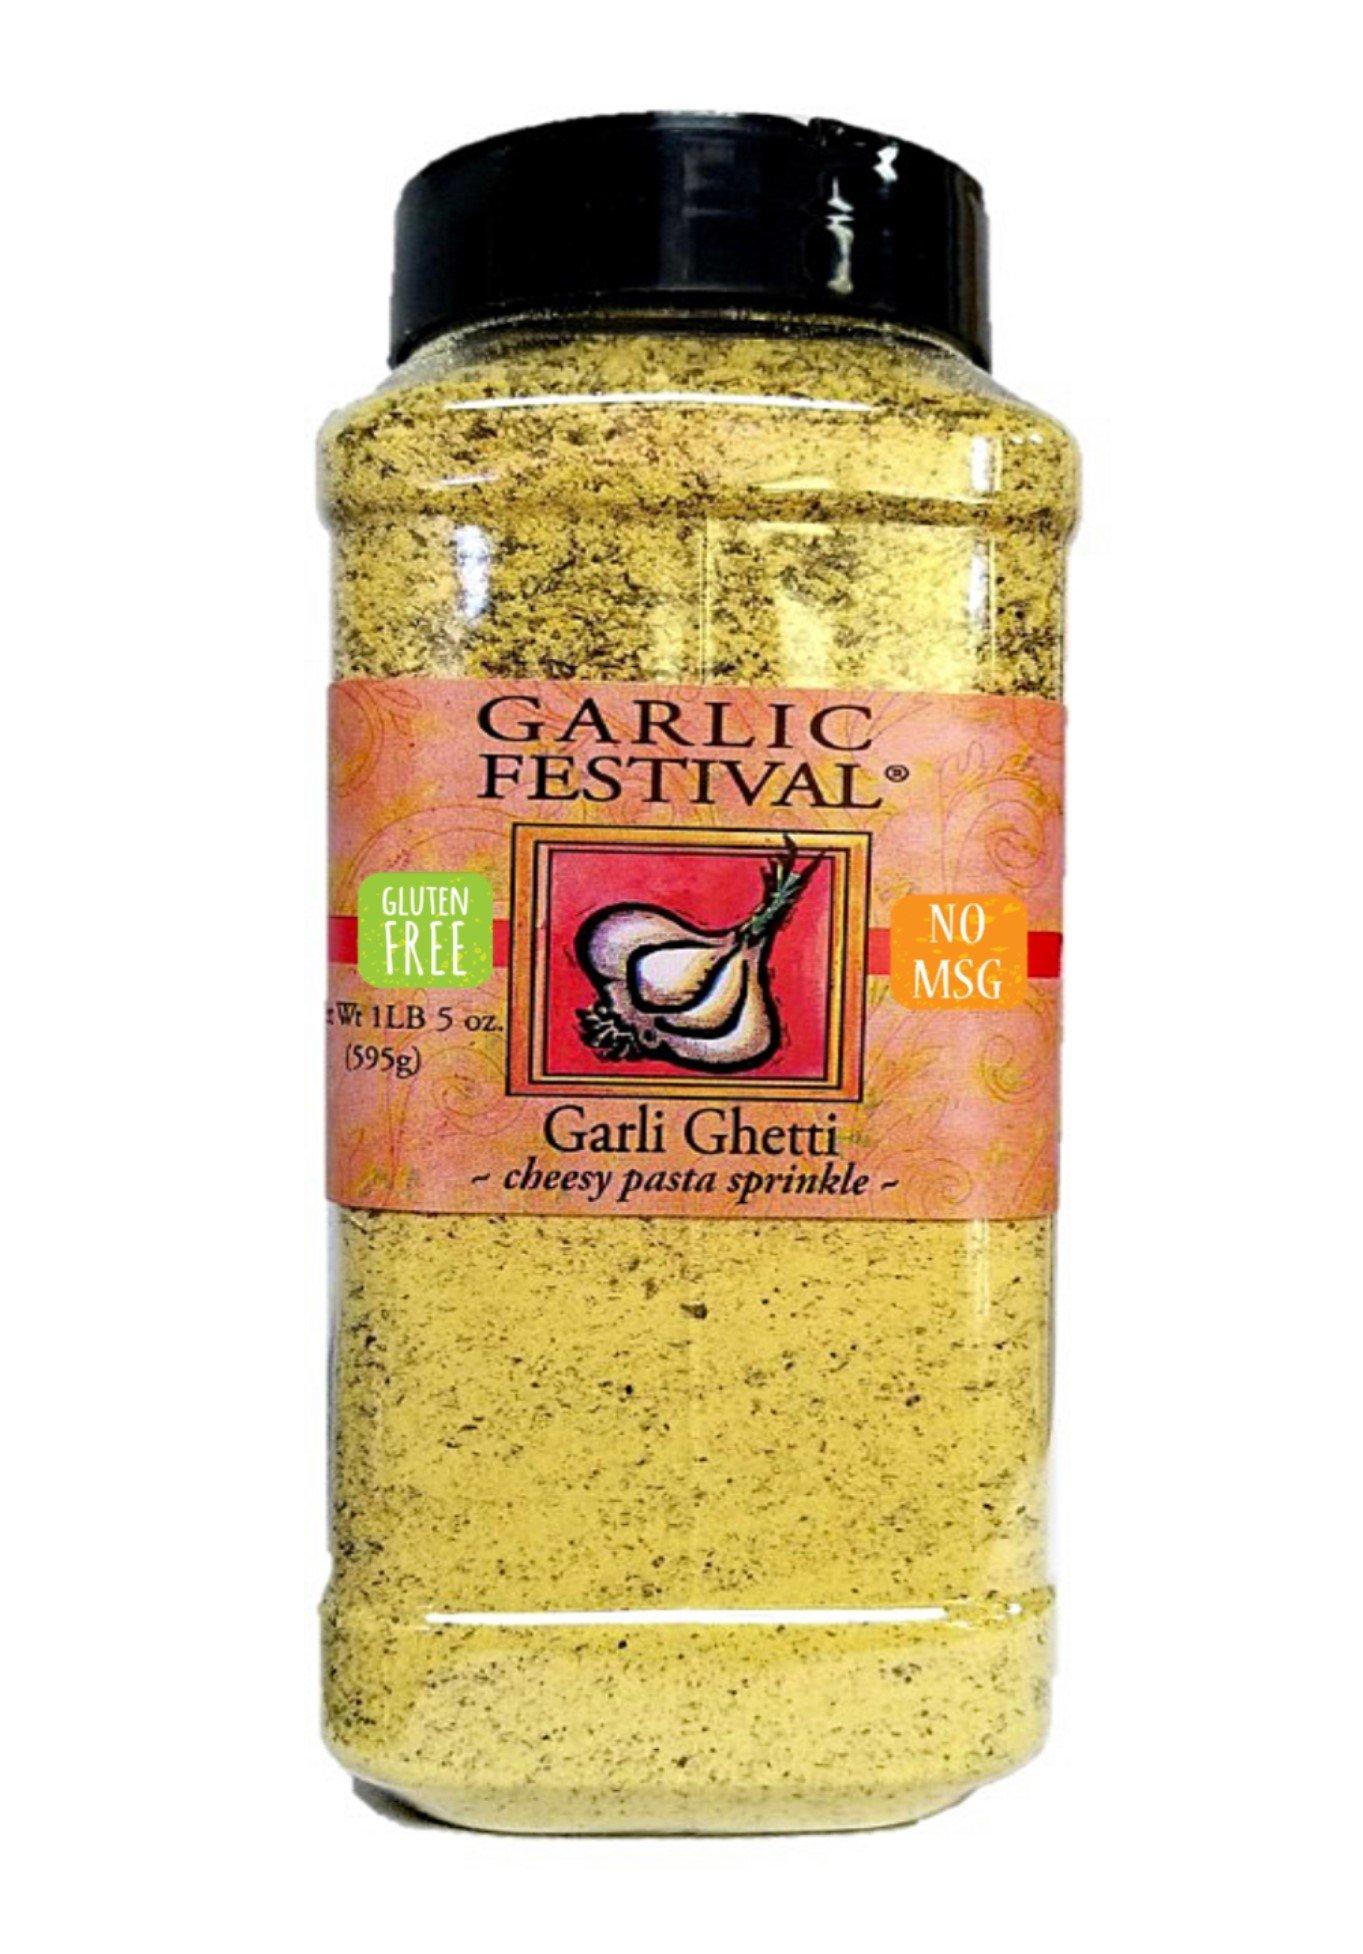 Garlic Festival Foods Garli Ghetti Cheesy Garlic Sprinkle 1lb. 5oz. NO MSG